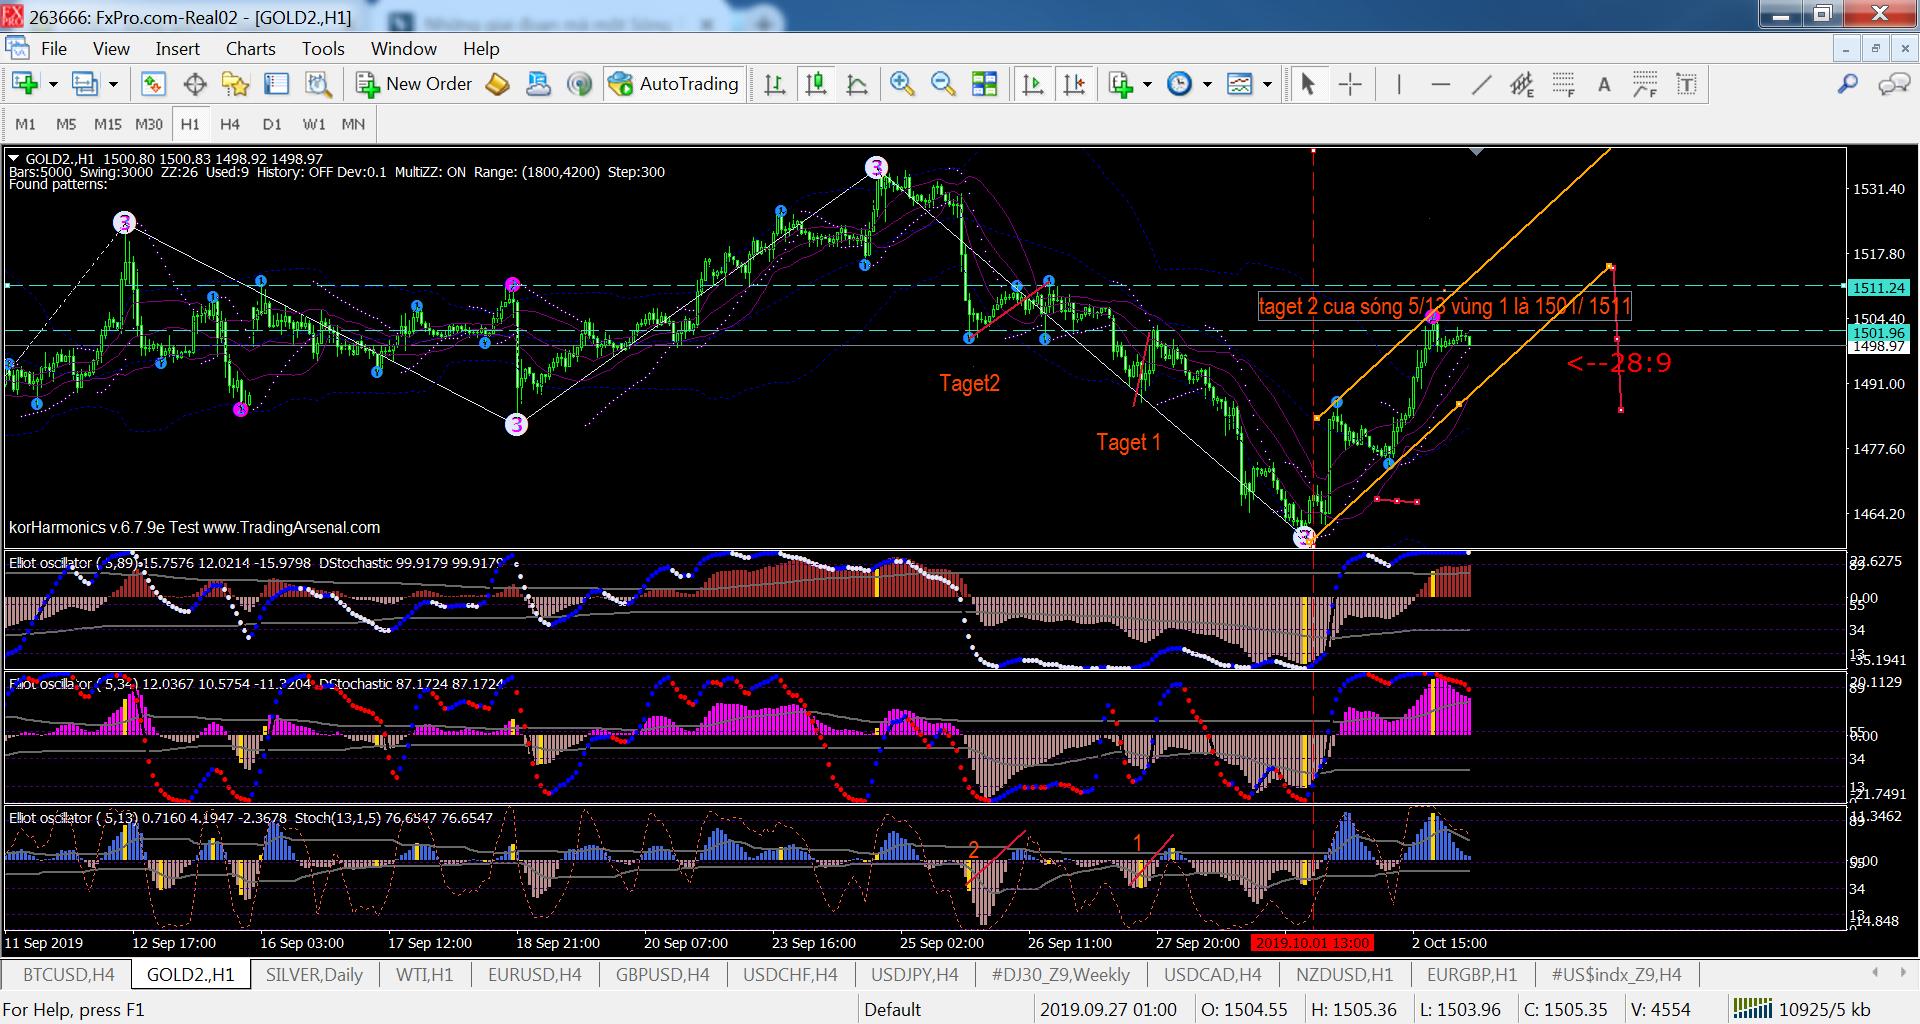 acharts.mql5.com_22_420_gold2_h1_fxpro_global_markets_7.